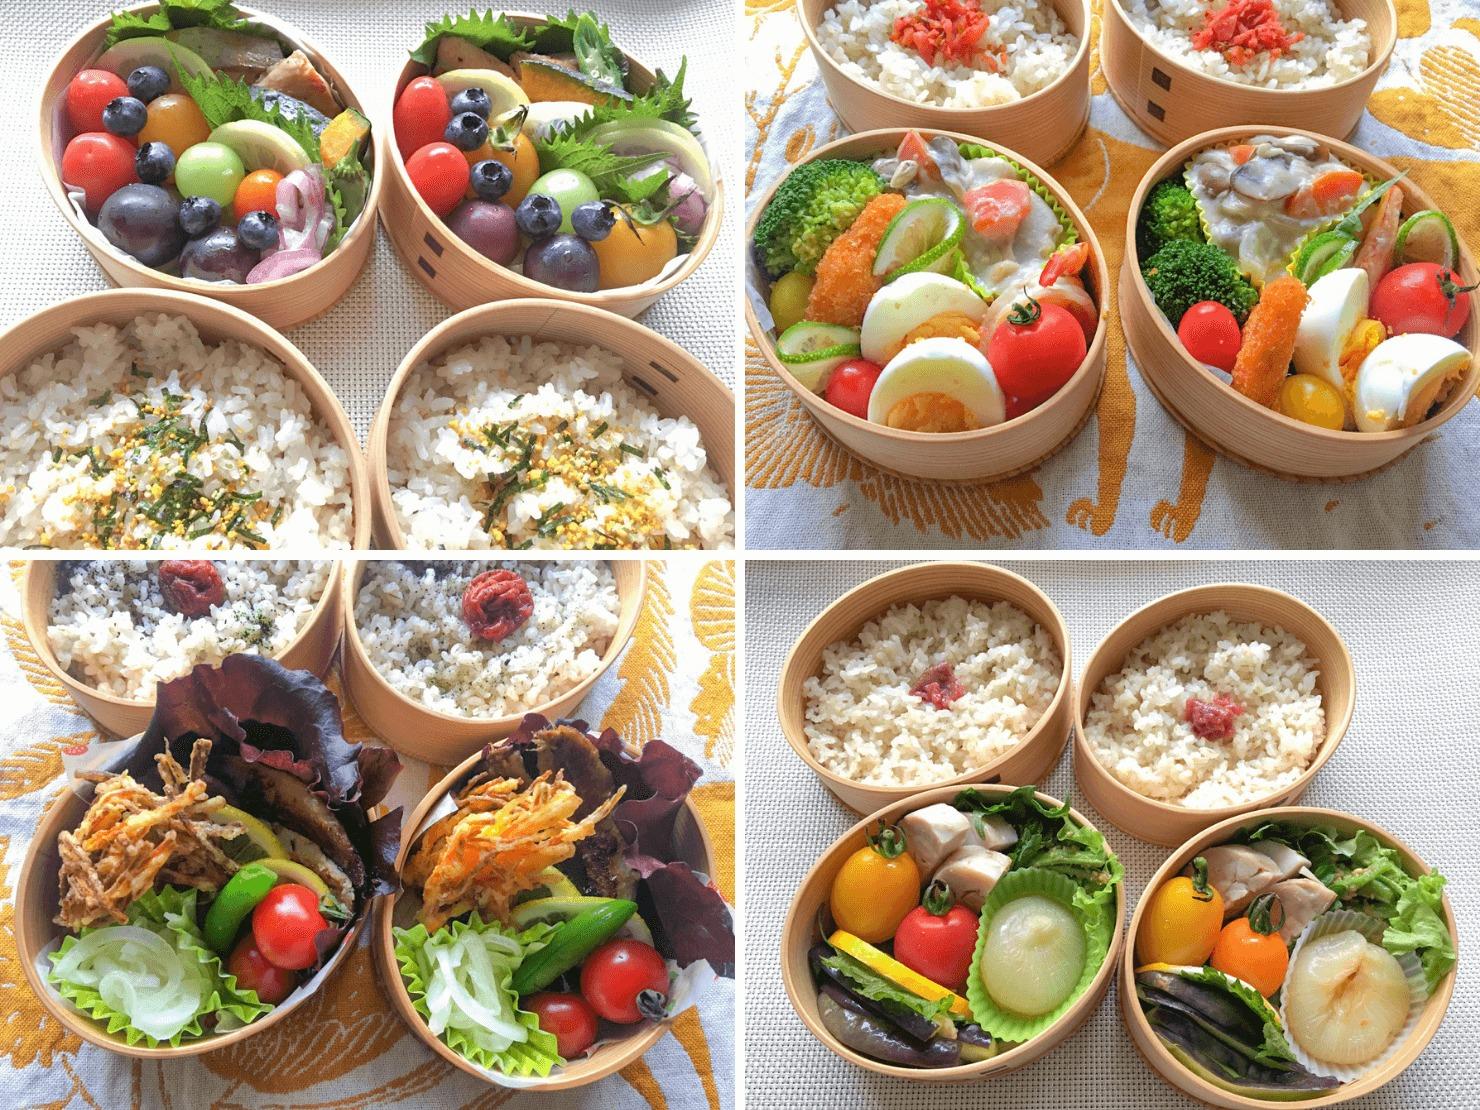 野菜たっぷりのお弁当の写真